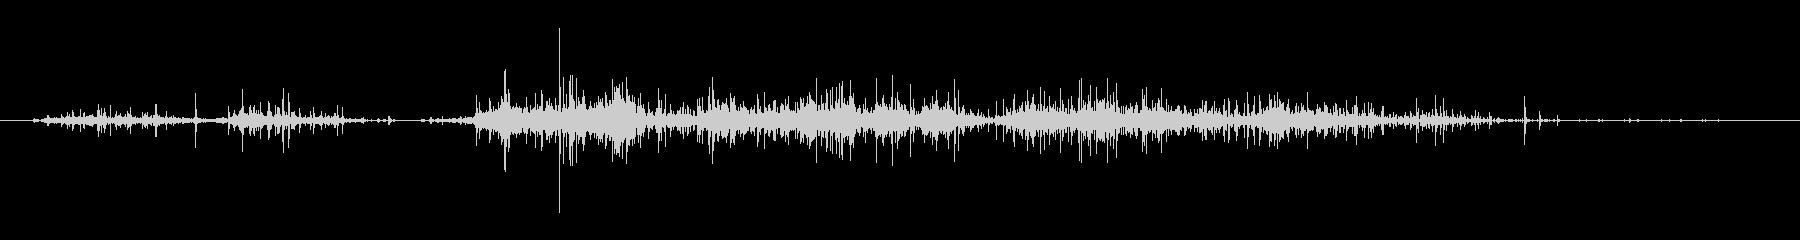 ラッピングペーパー:クラムプルスモ...の未再生の波形